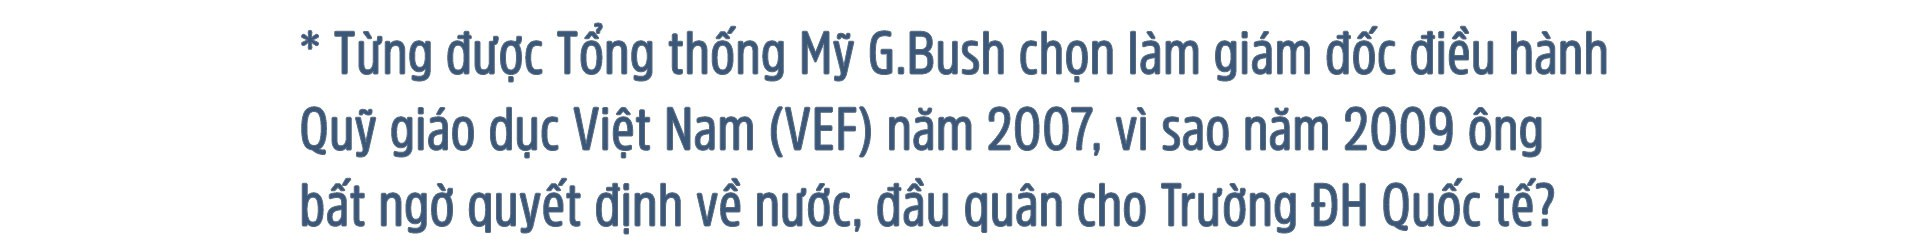 GS Võ Văn Tới: Về nước vì sinh viên Việt Nam thất bại - Ảnh 3.